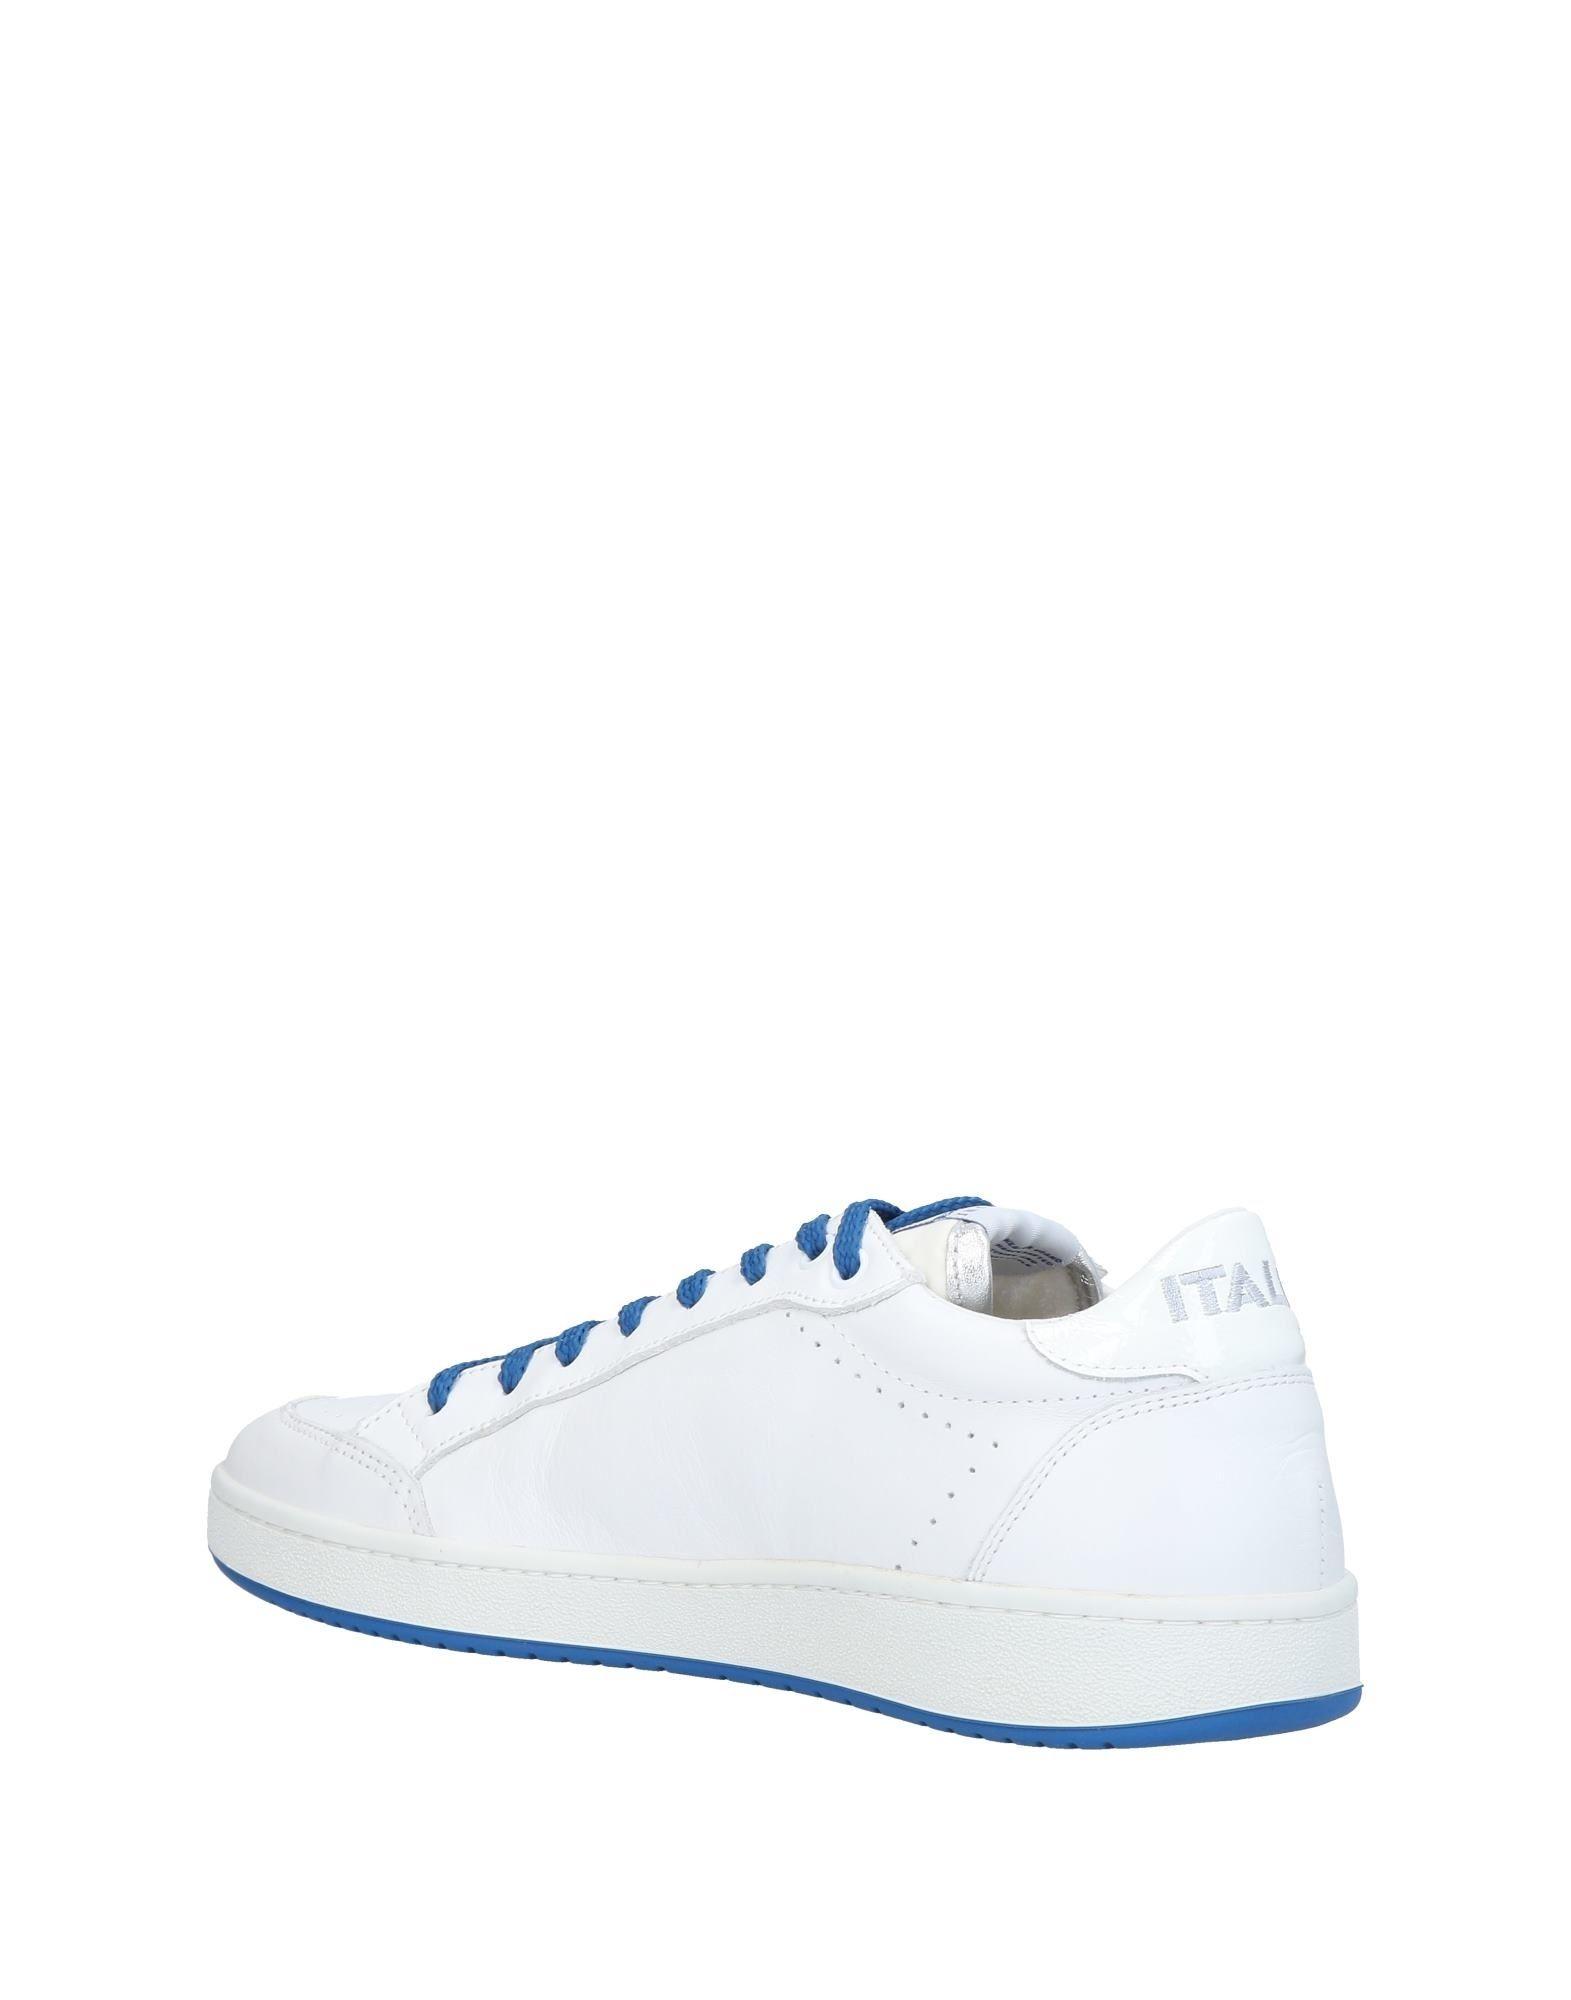 Serafini Serafini Serafini Luxury Sneakers Herren Gutes Preis-Leistungs-Verhältnis, es lohnt sich ee6dcd